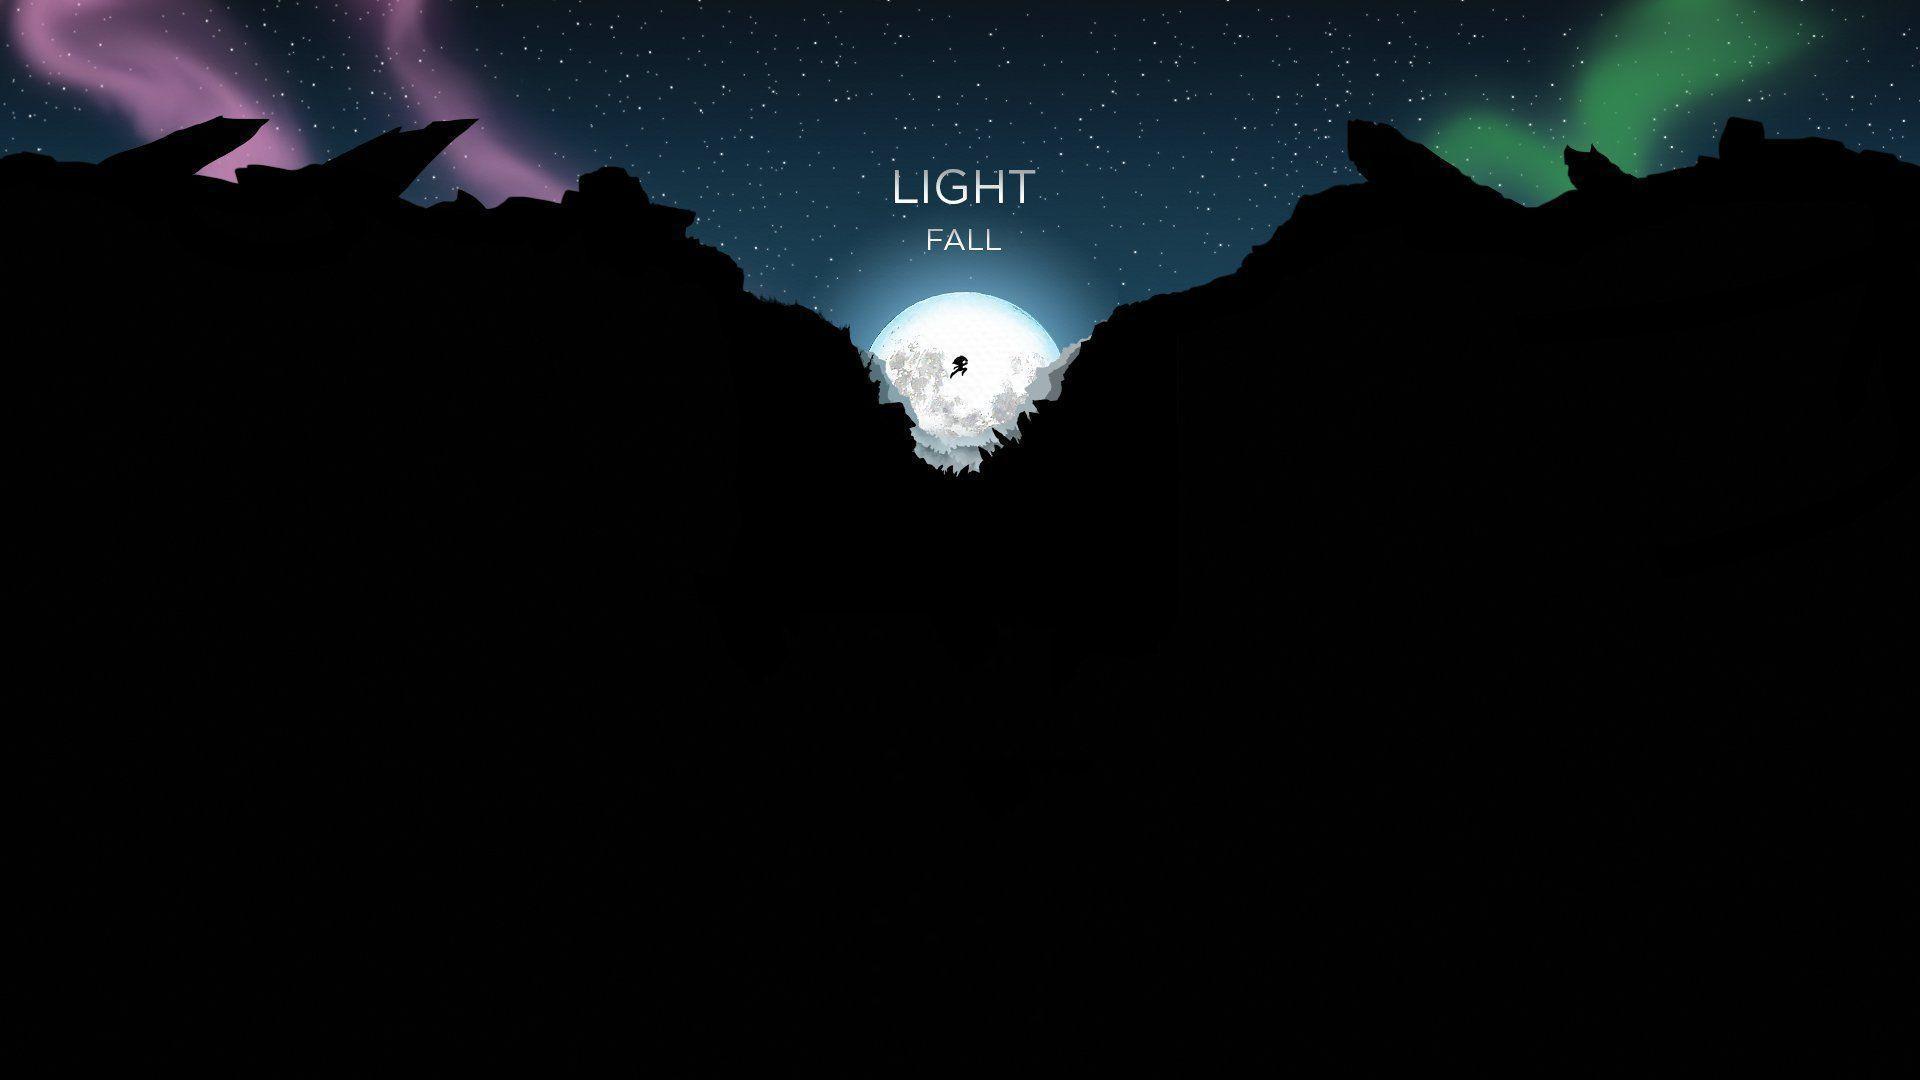 Light Fall Screenshots